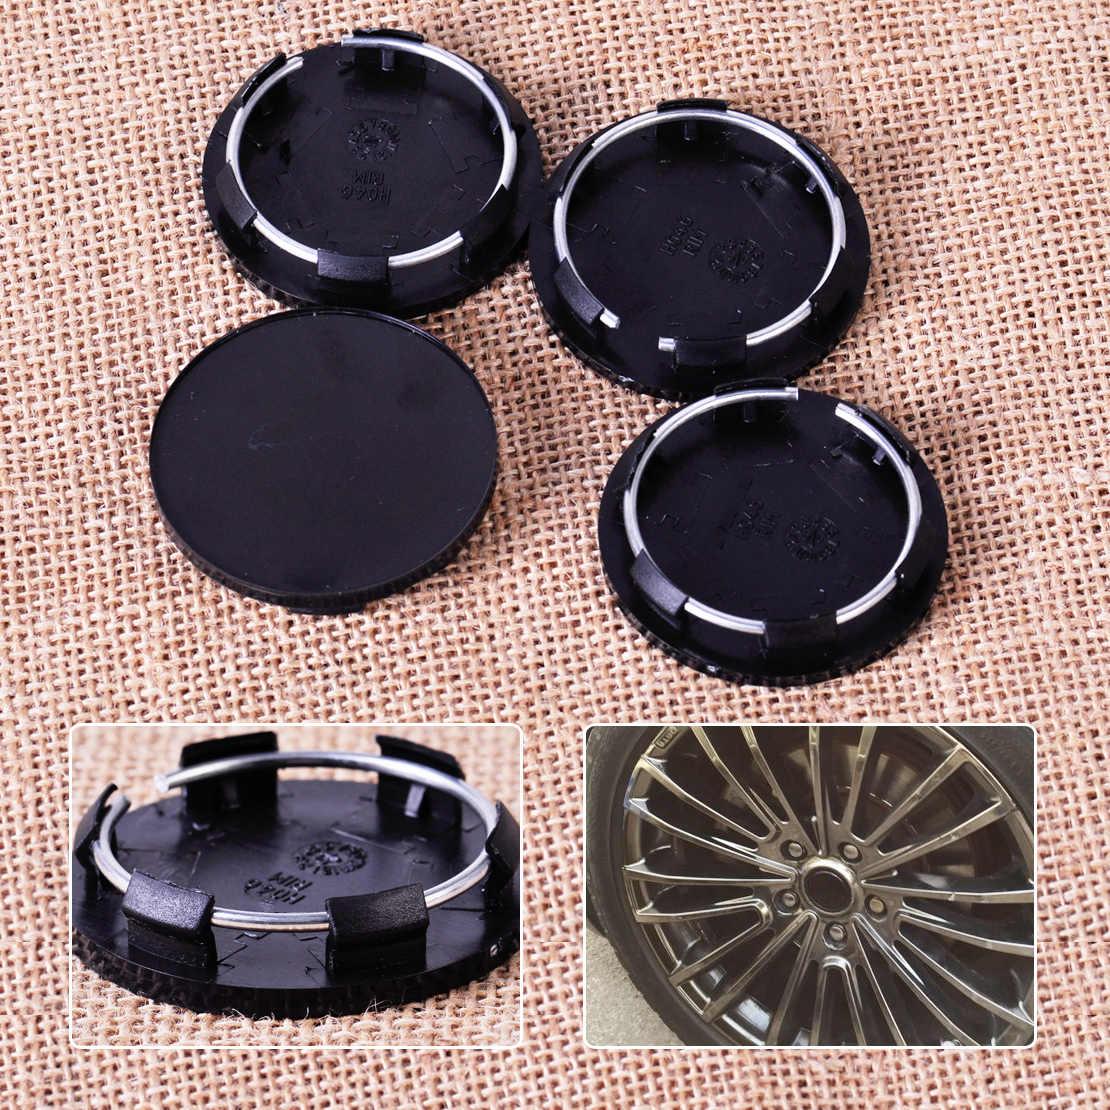 CITALL 4 pièces en plastique noir 50mm voiture camions véhicule roue Center jante moyeux couvre ensemble pneu pas d'insigne casquettes couvre garniture